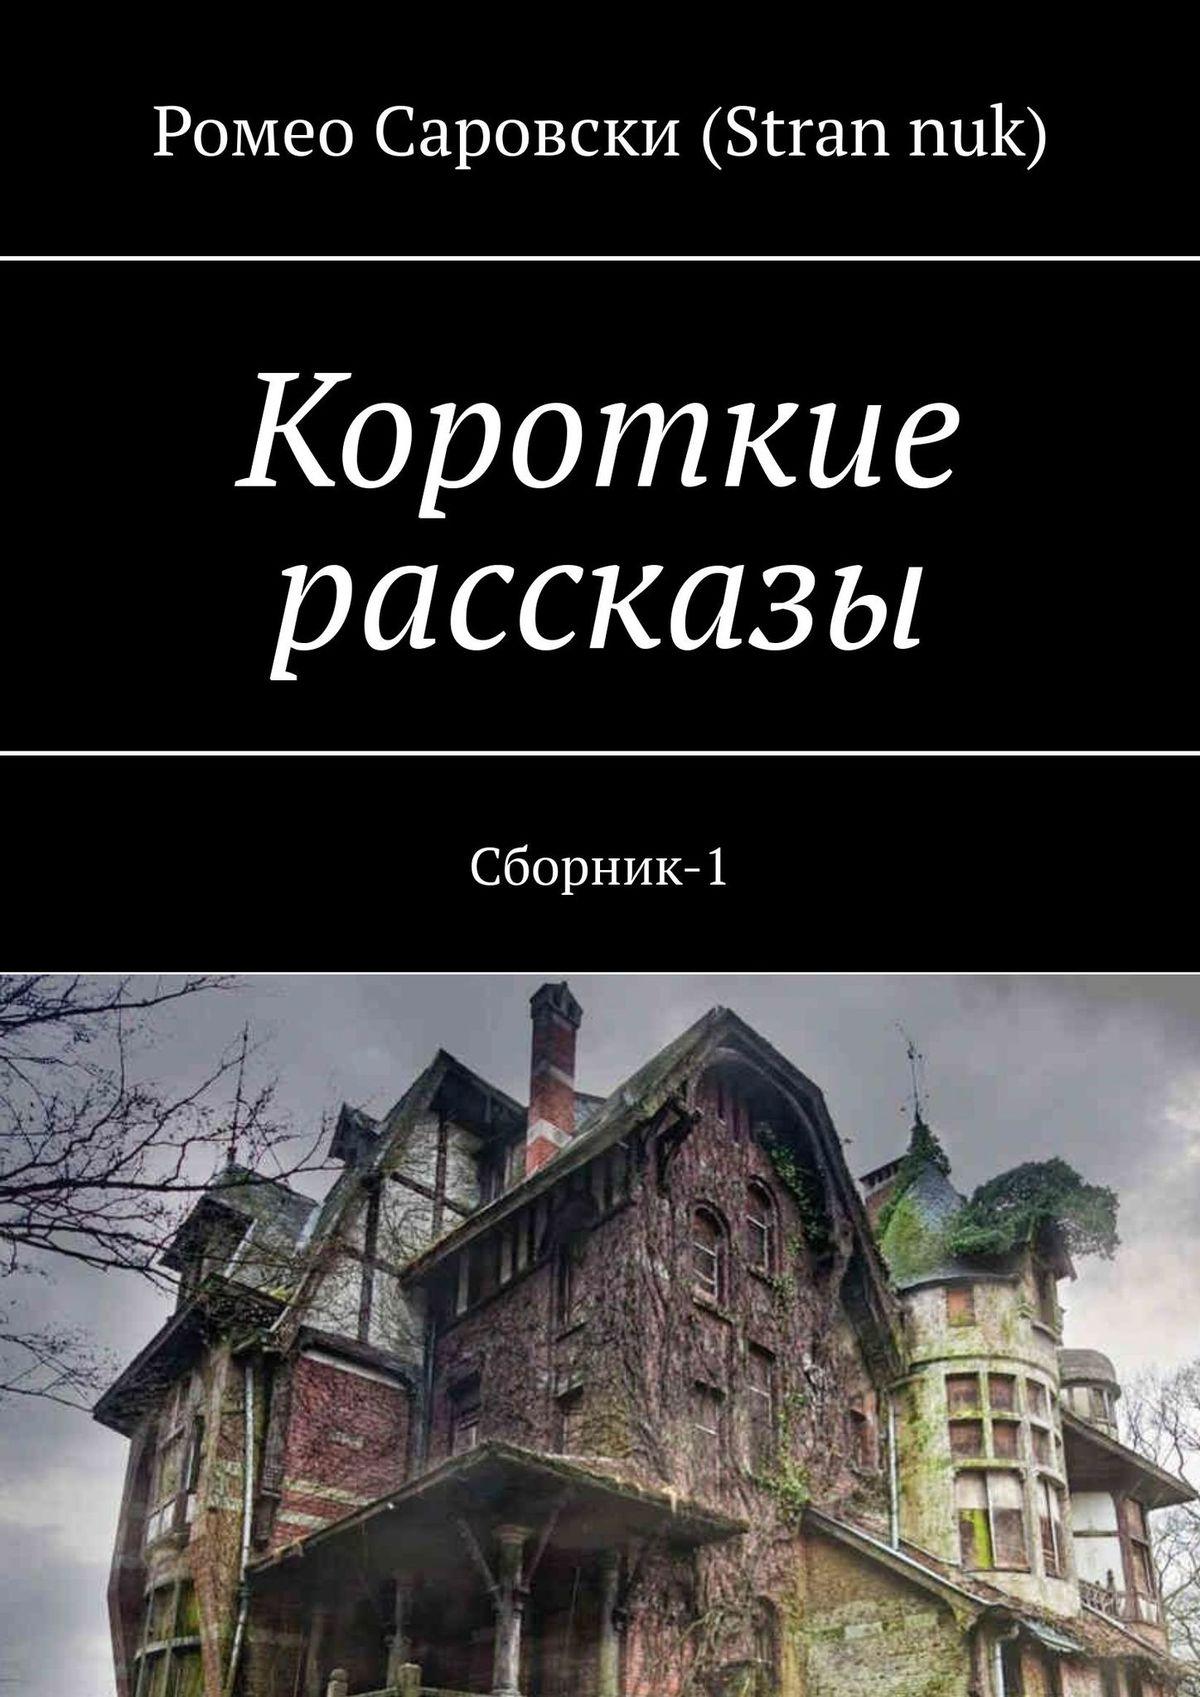 Роман Чукмасов (Strannuk) Короткие рассказы. Сборник-1